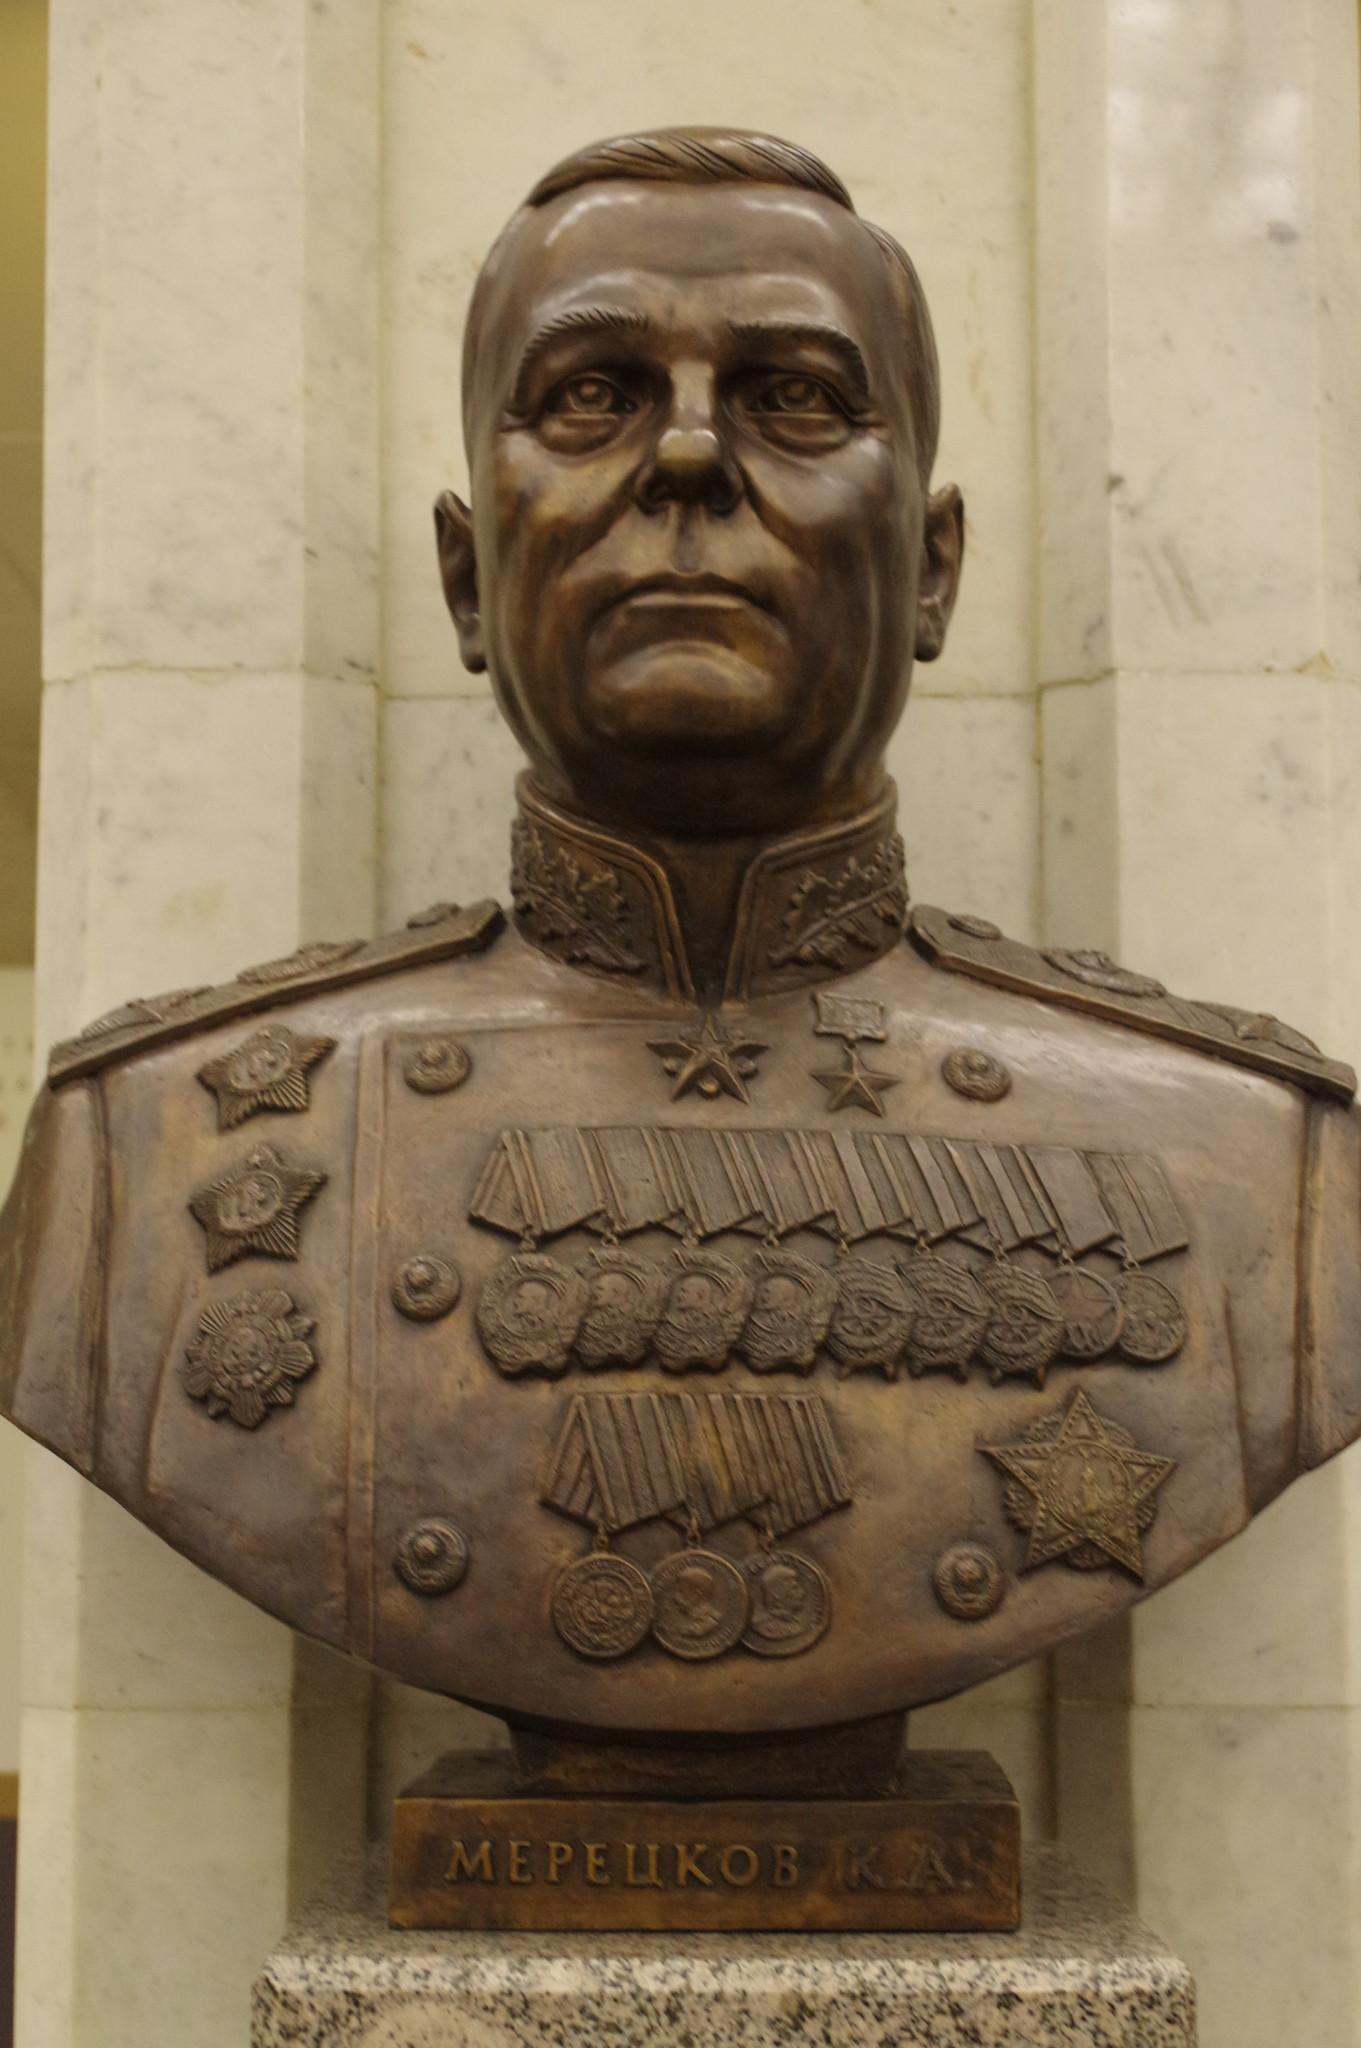 Бюст маршала Советского Союза Кирилла Афанасьевича Мерецкова в Центральном музее Великой Отечественной войны 1941-1945 гг.